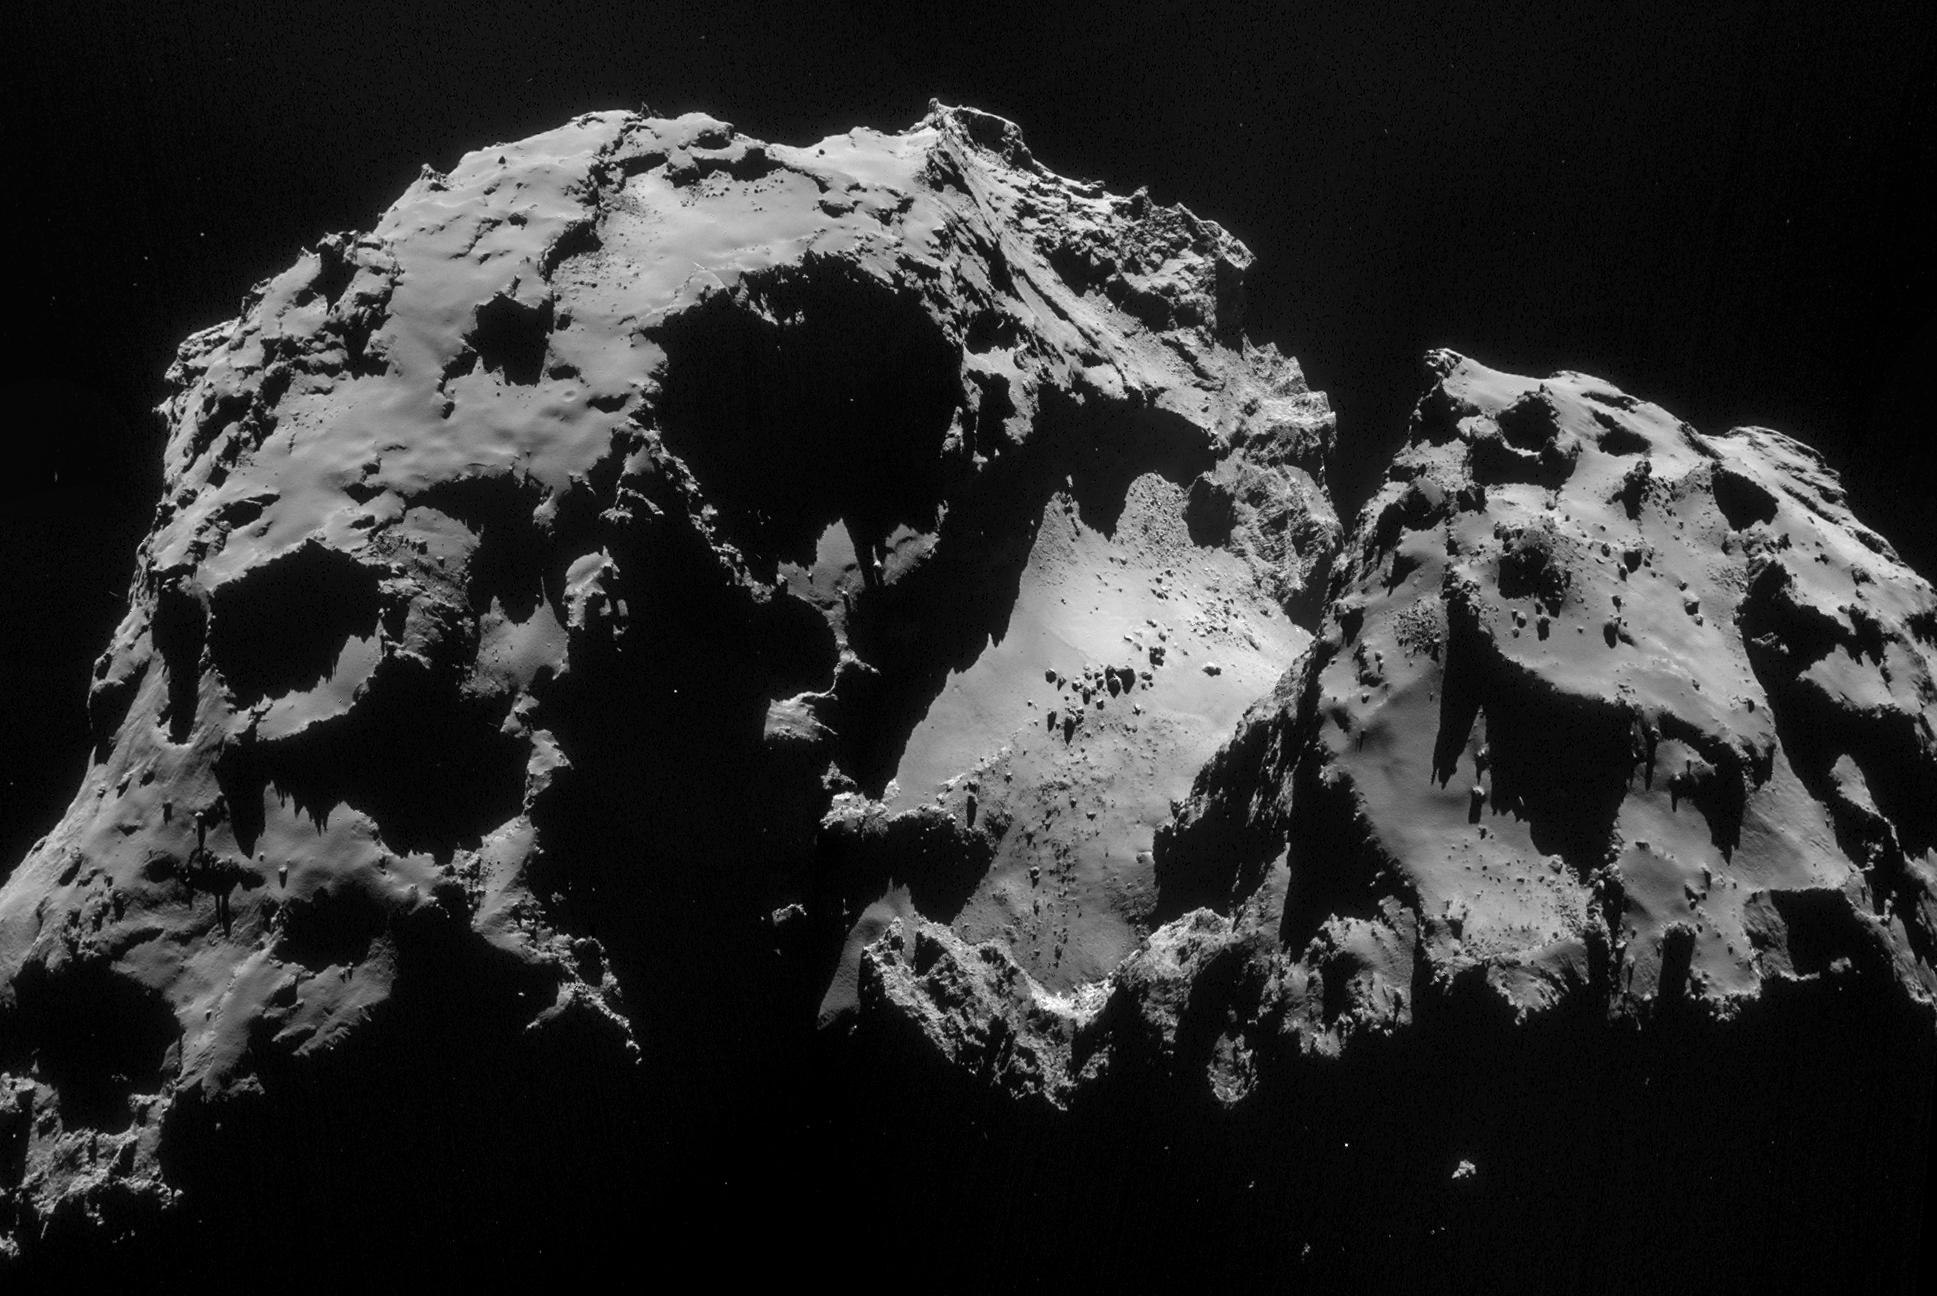 rosetta asteroid landing ocean - photo #12